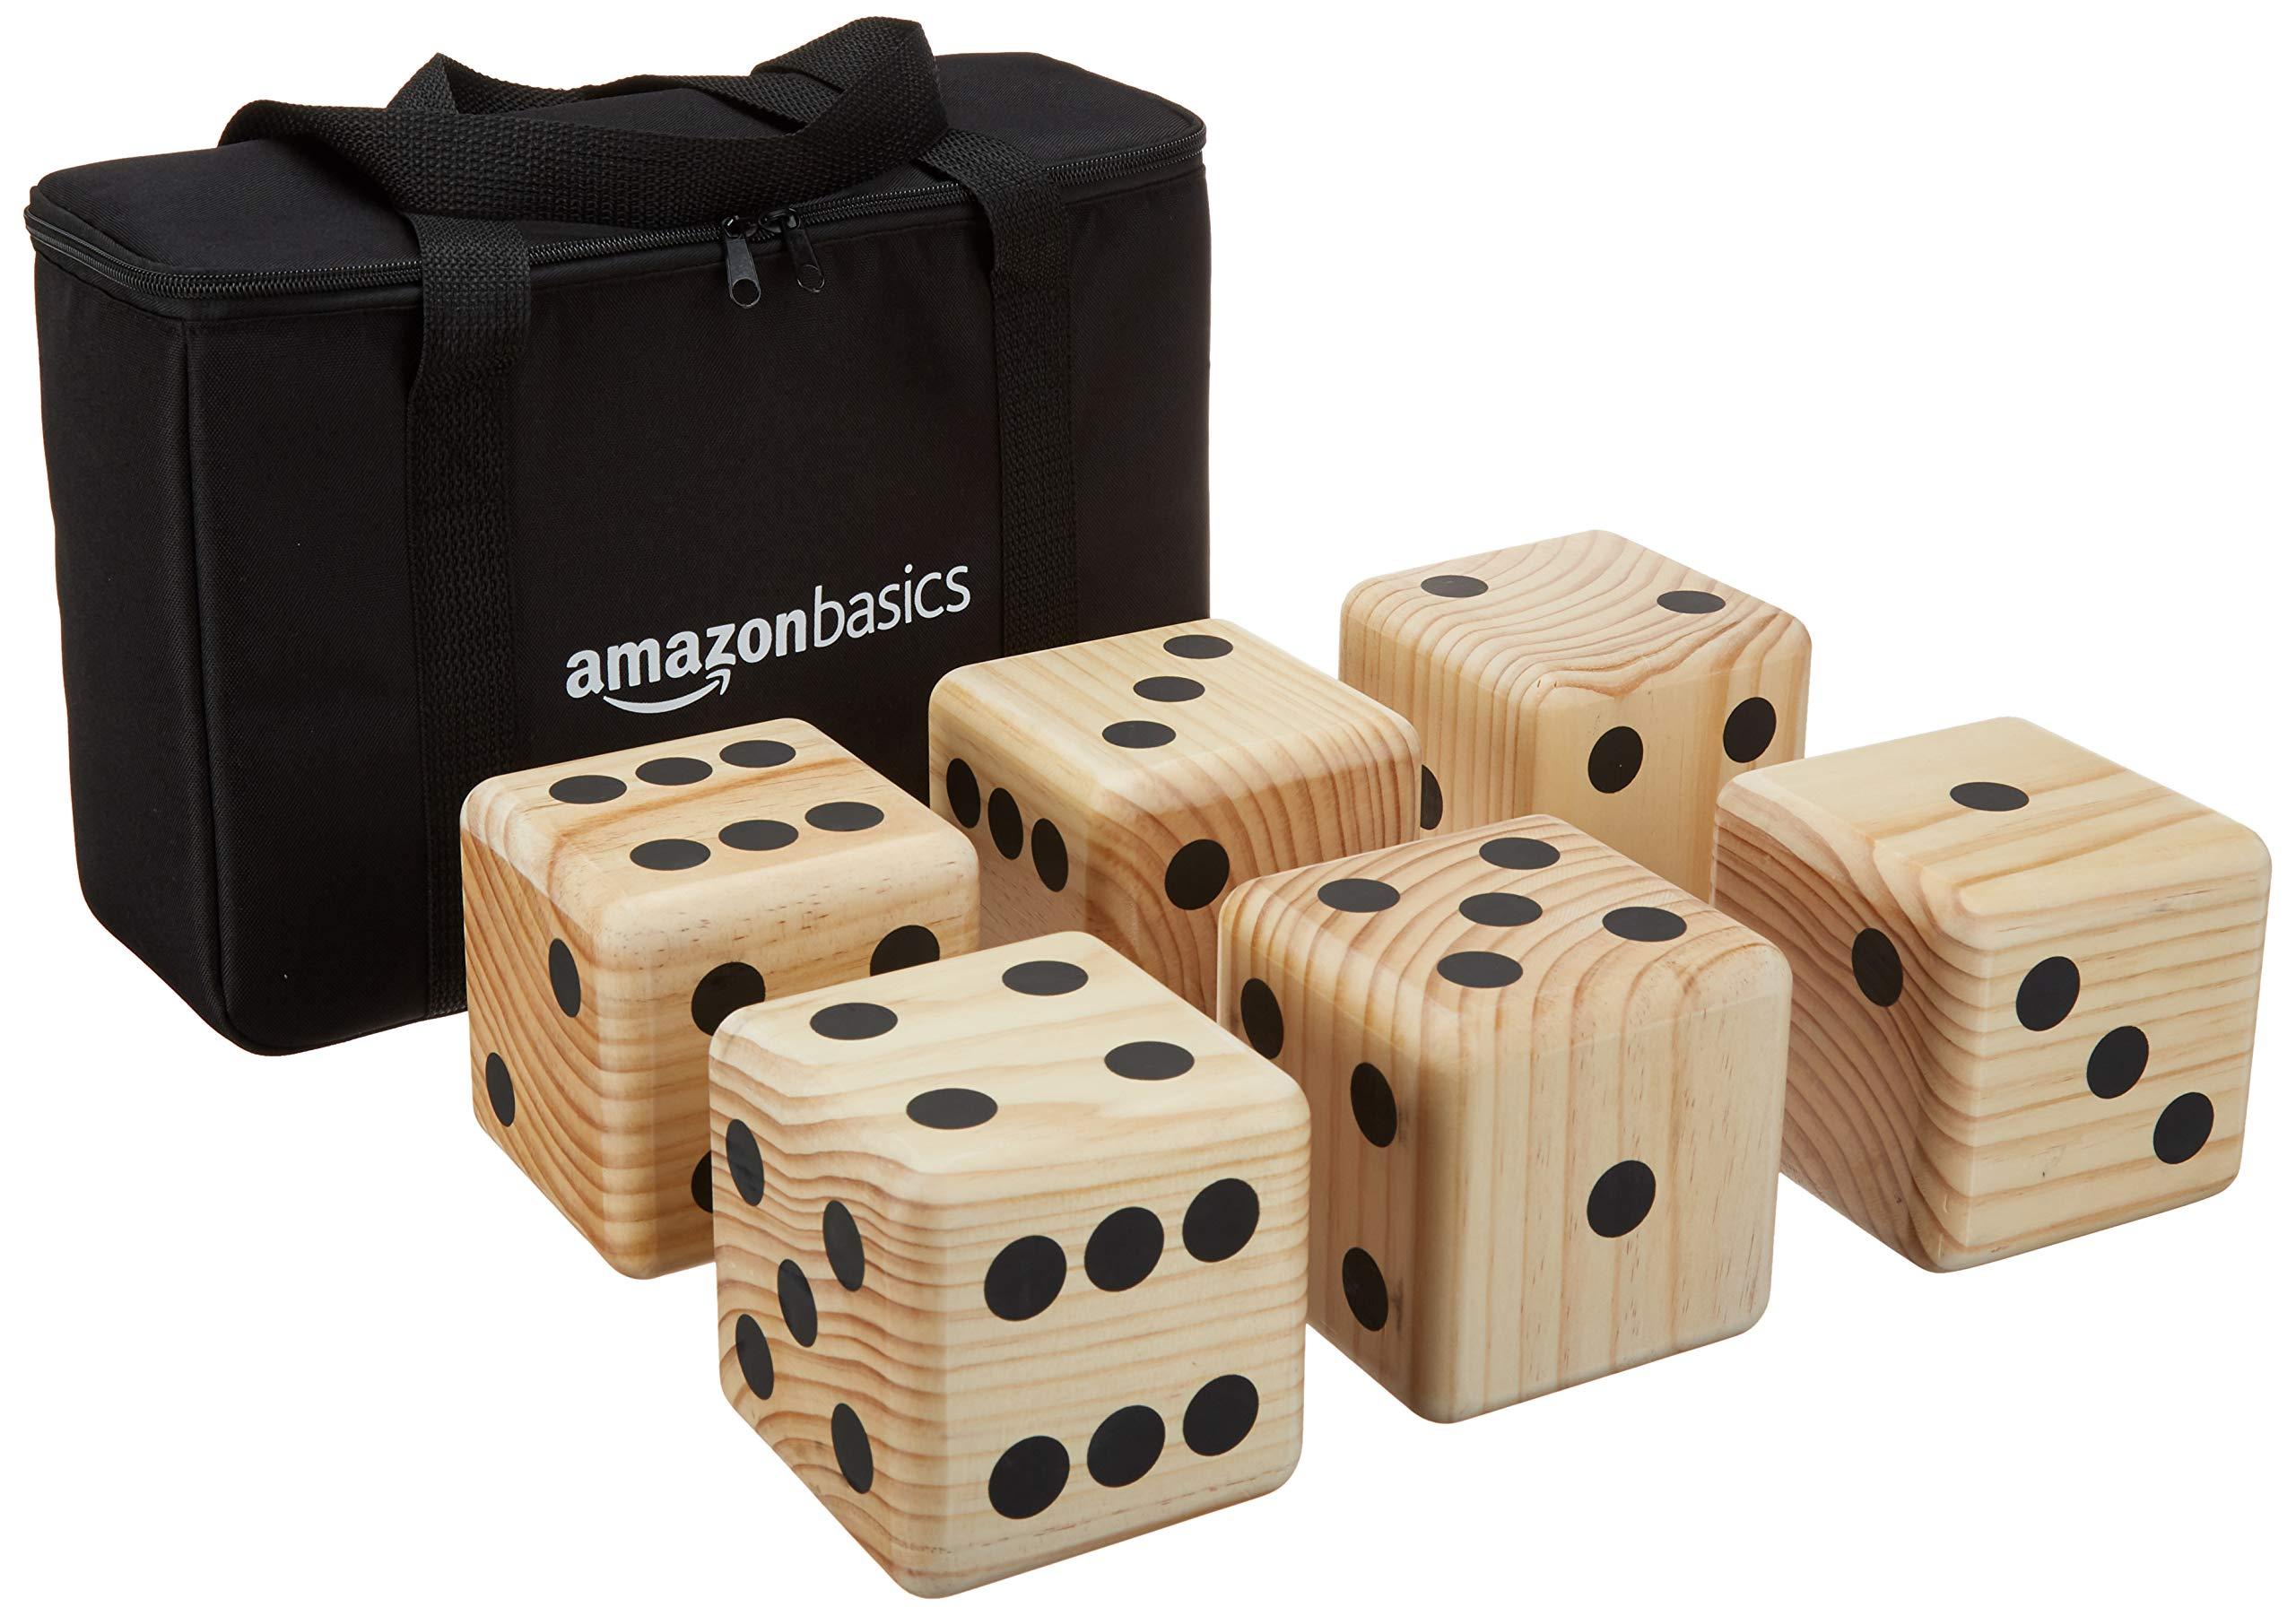 Amazon Basics Giant Wooden Dice Set